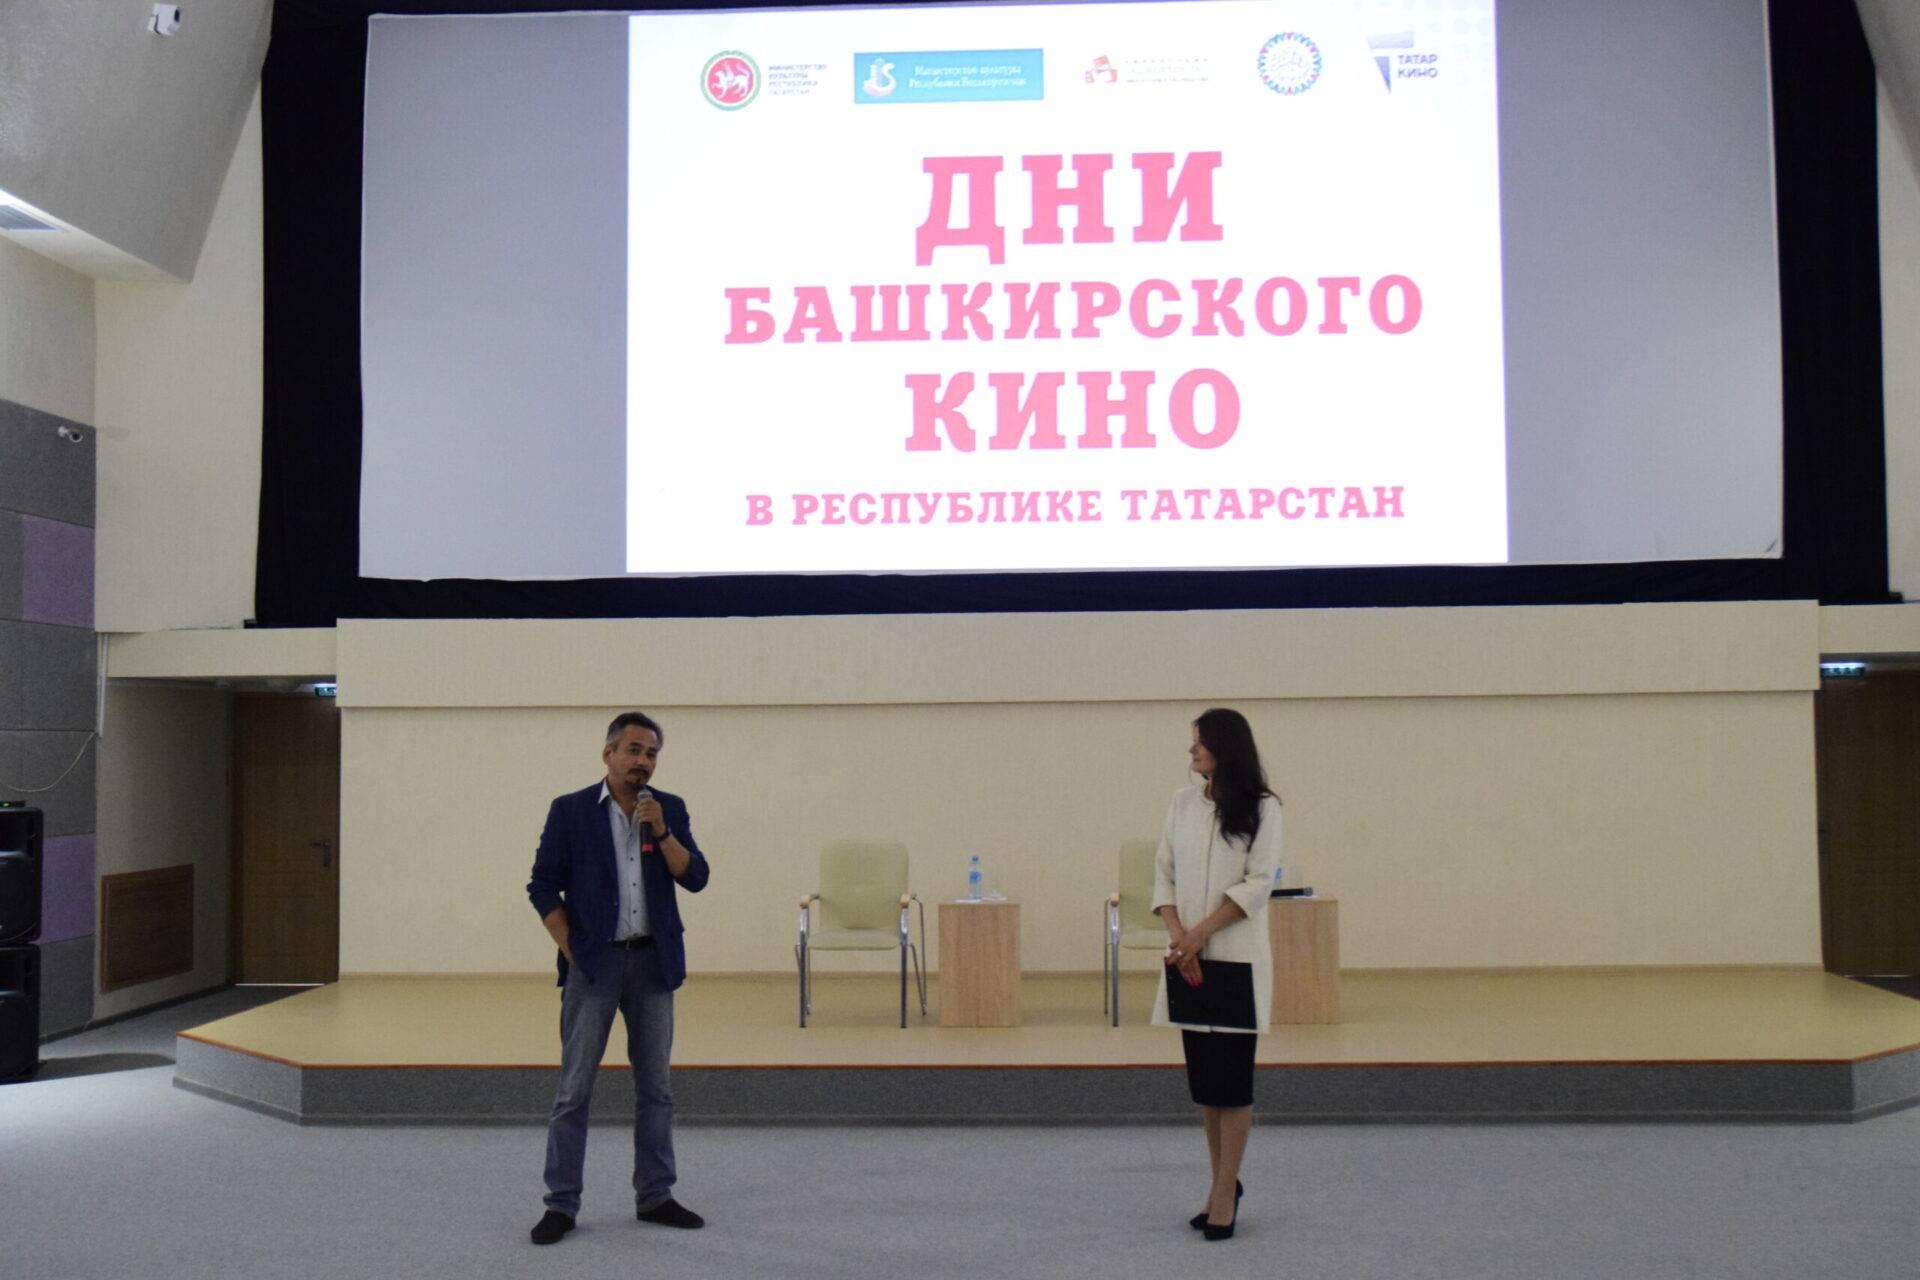 Дни башкирского кино в Республике Татарстан